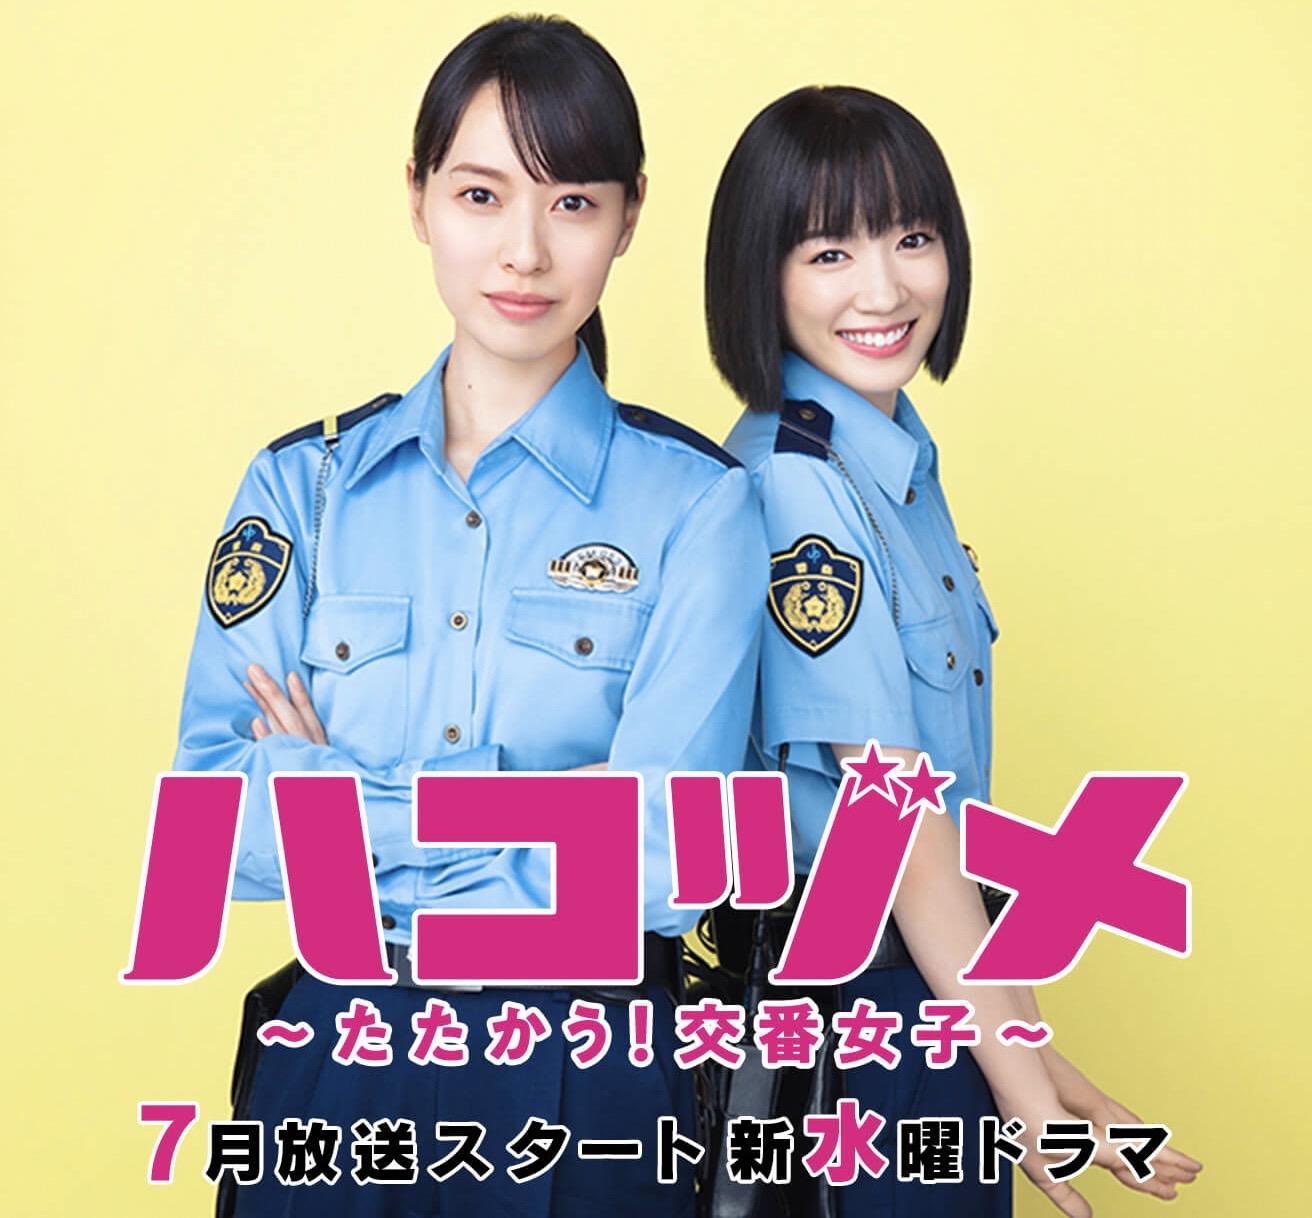 Hakozume 02